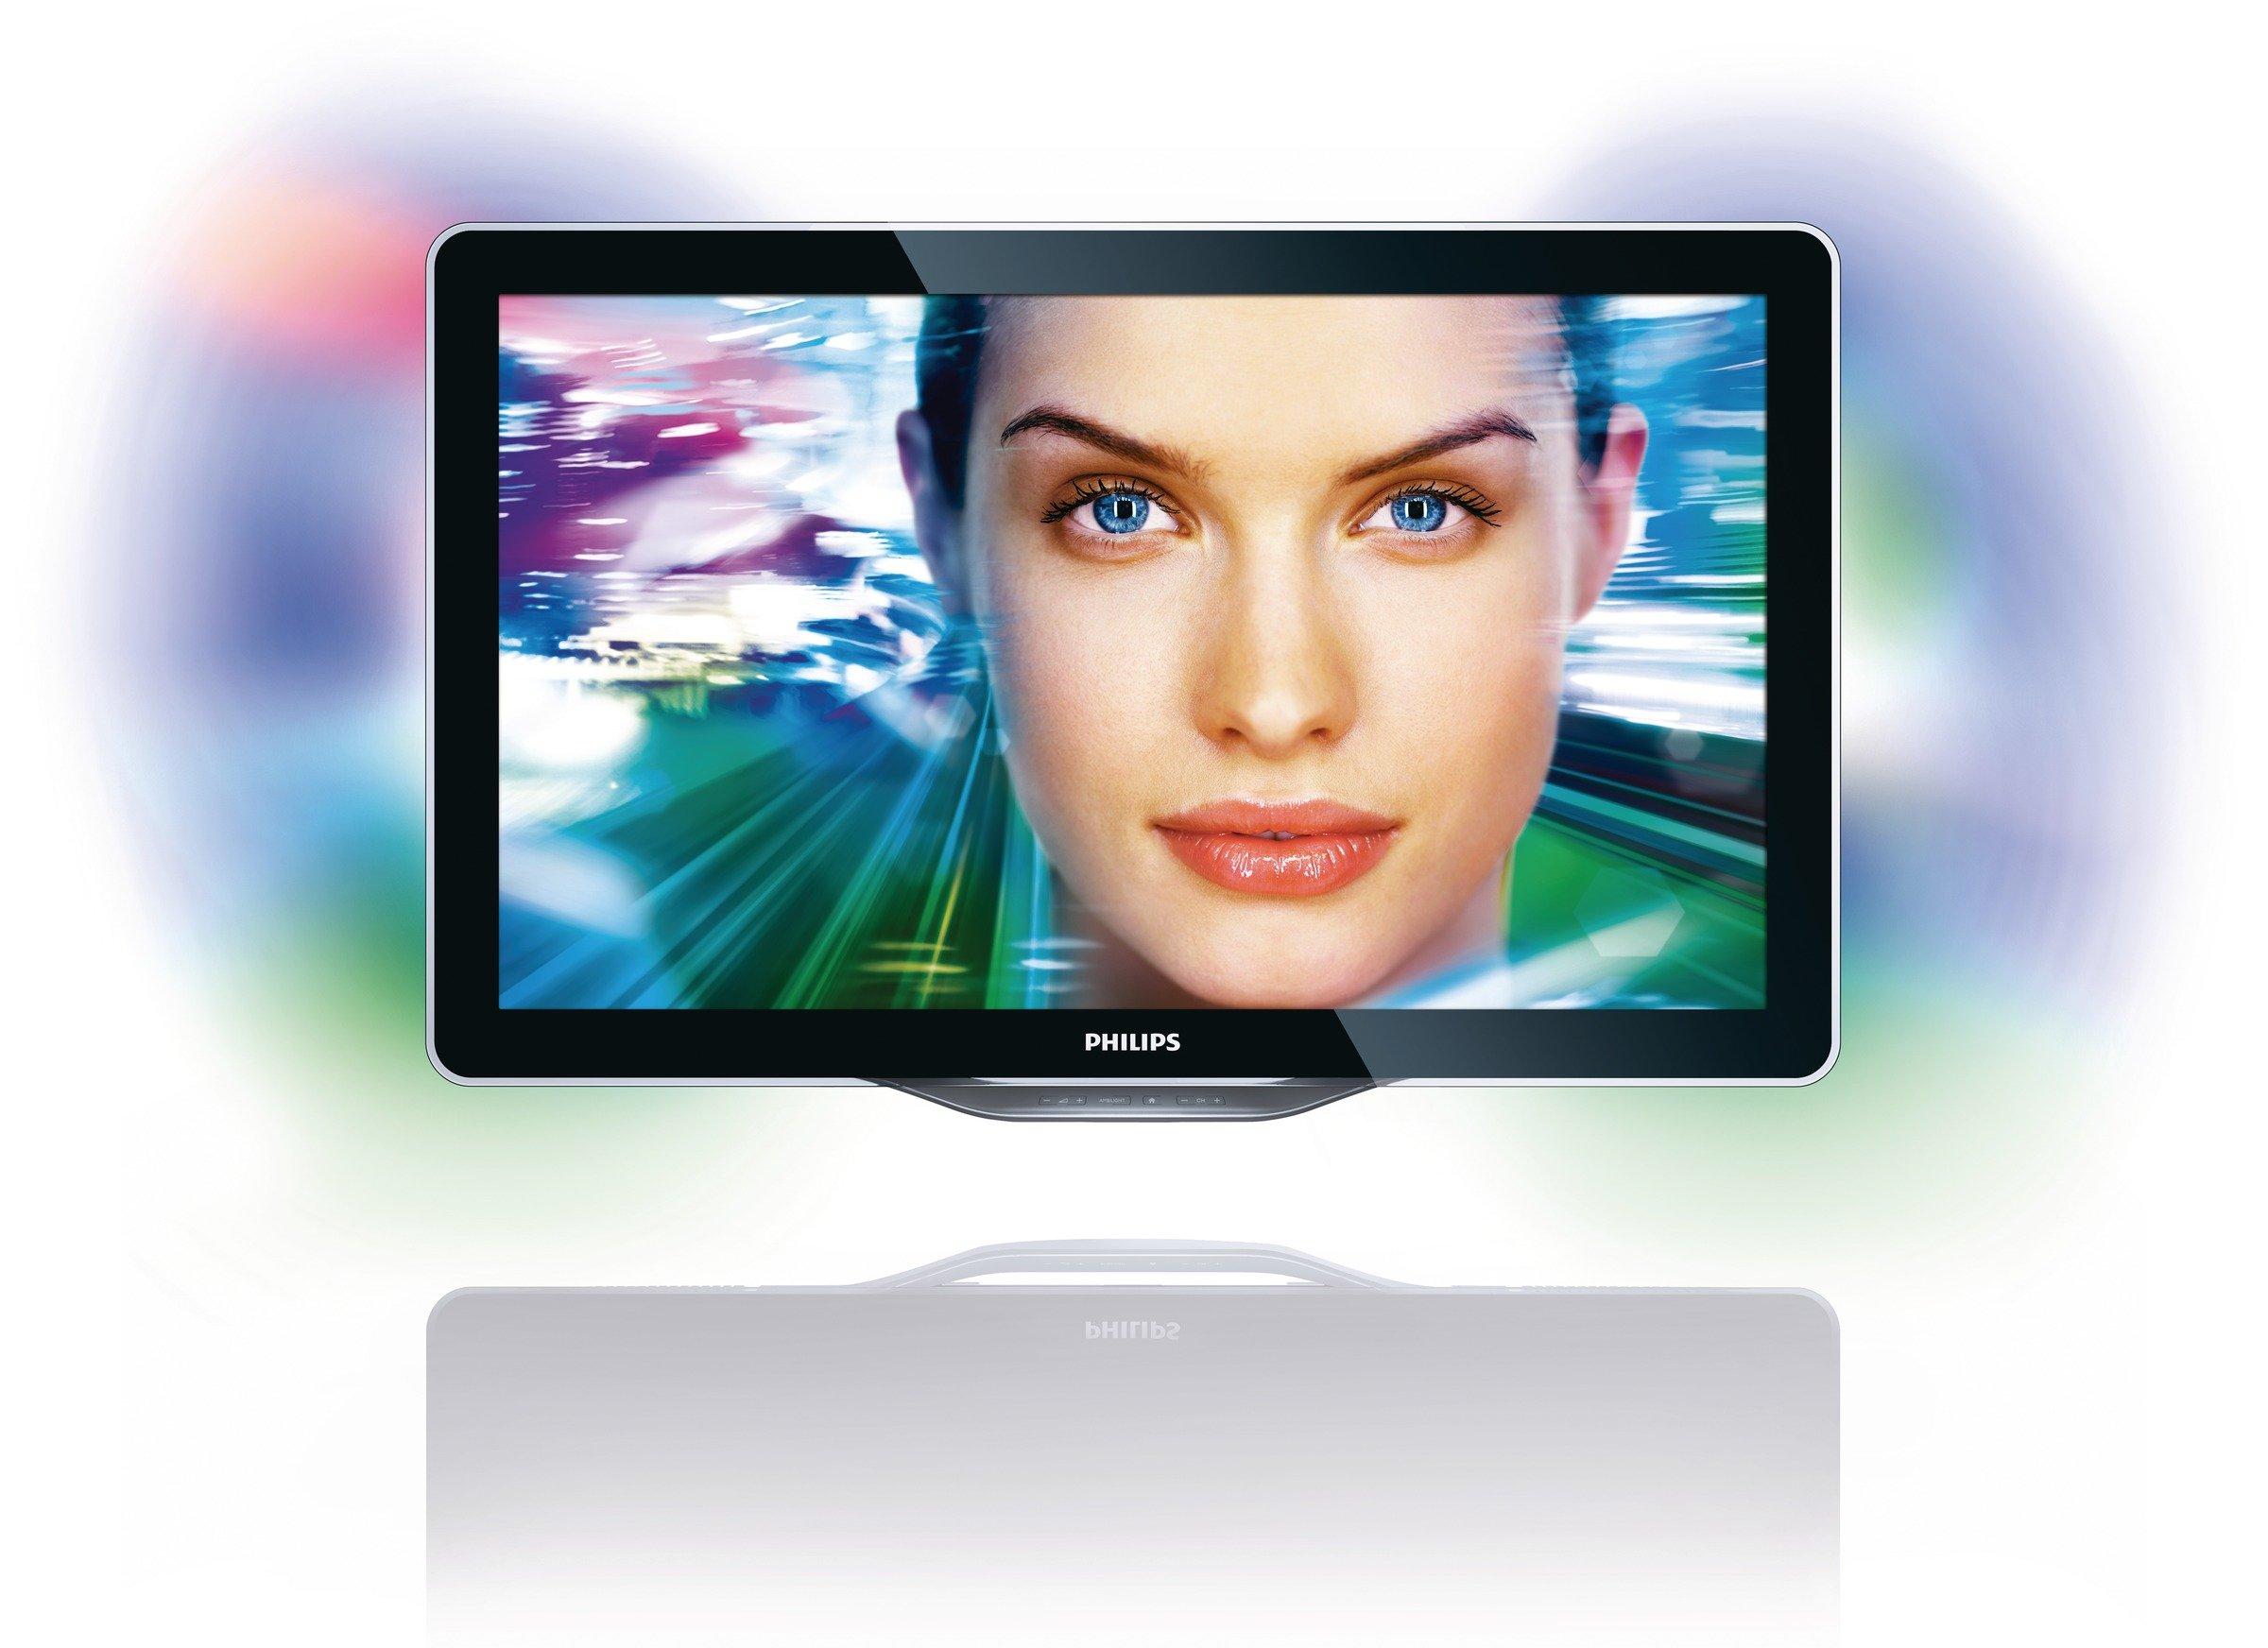 Philips 37 PFL 8605 H- Televisión Full HD, Pantalla LCD con ...